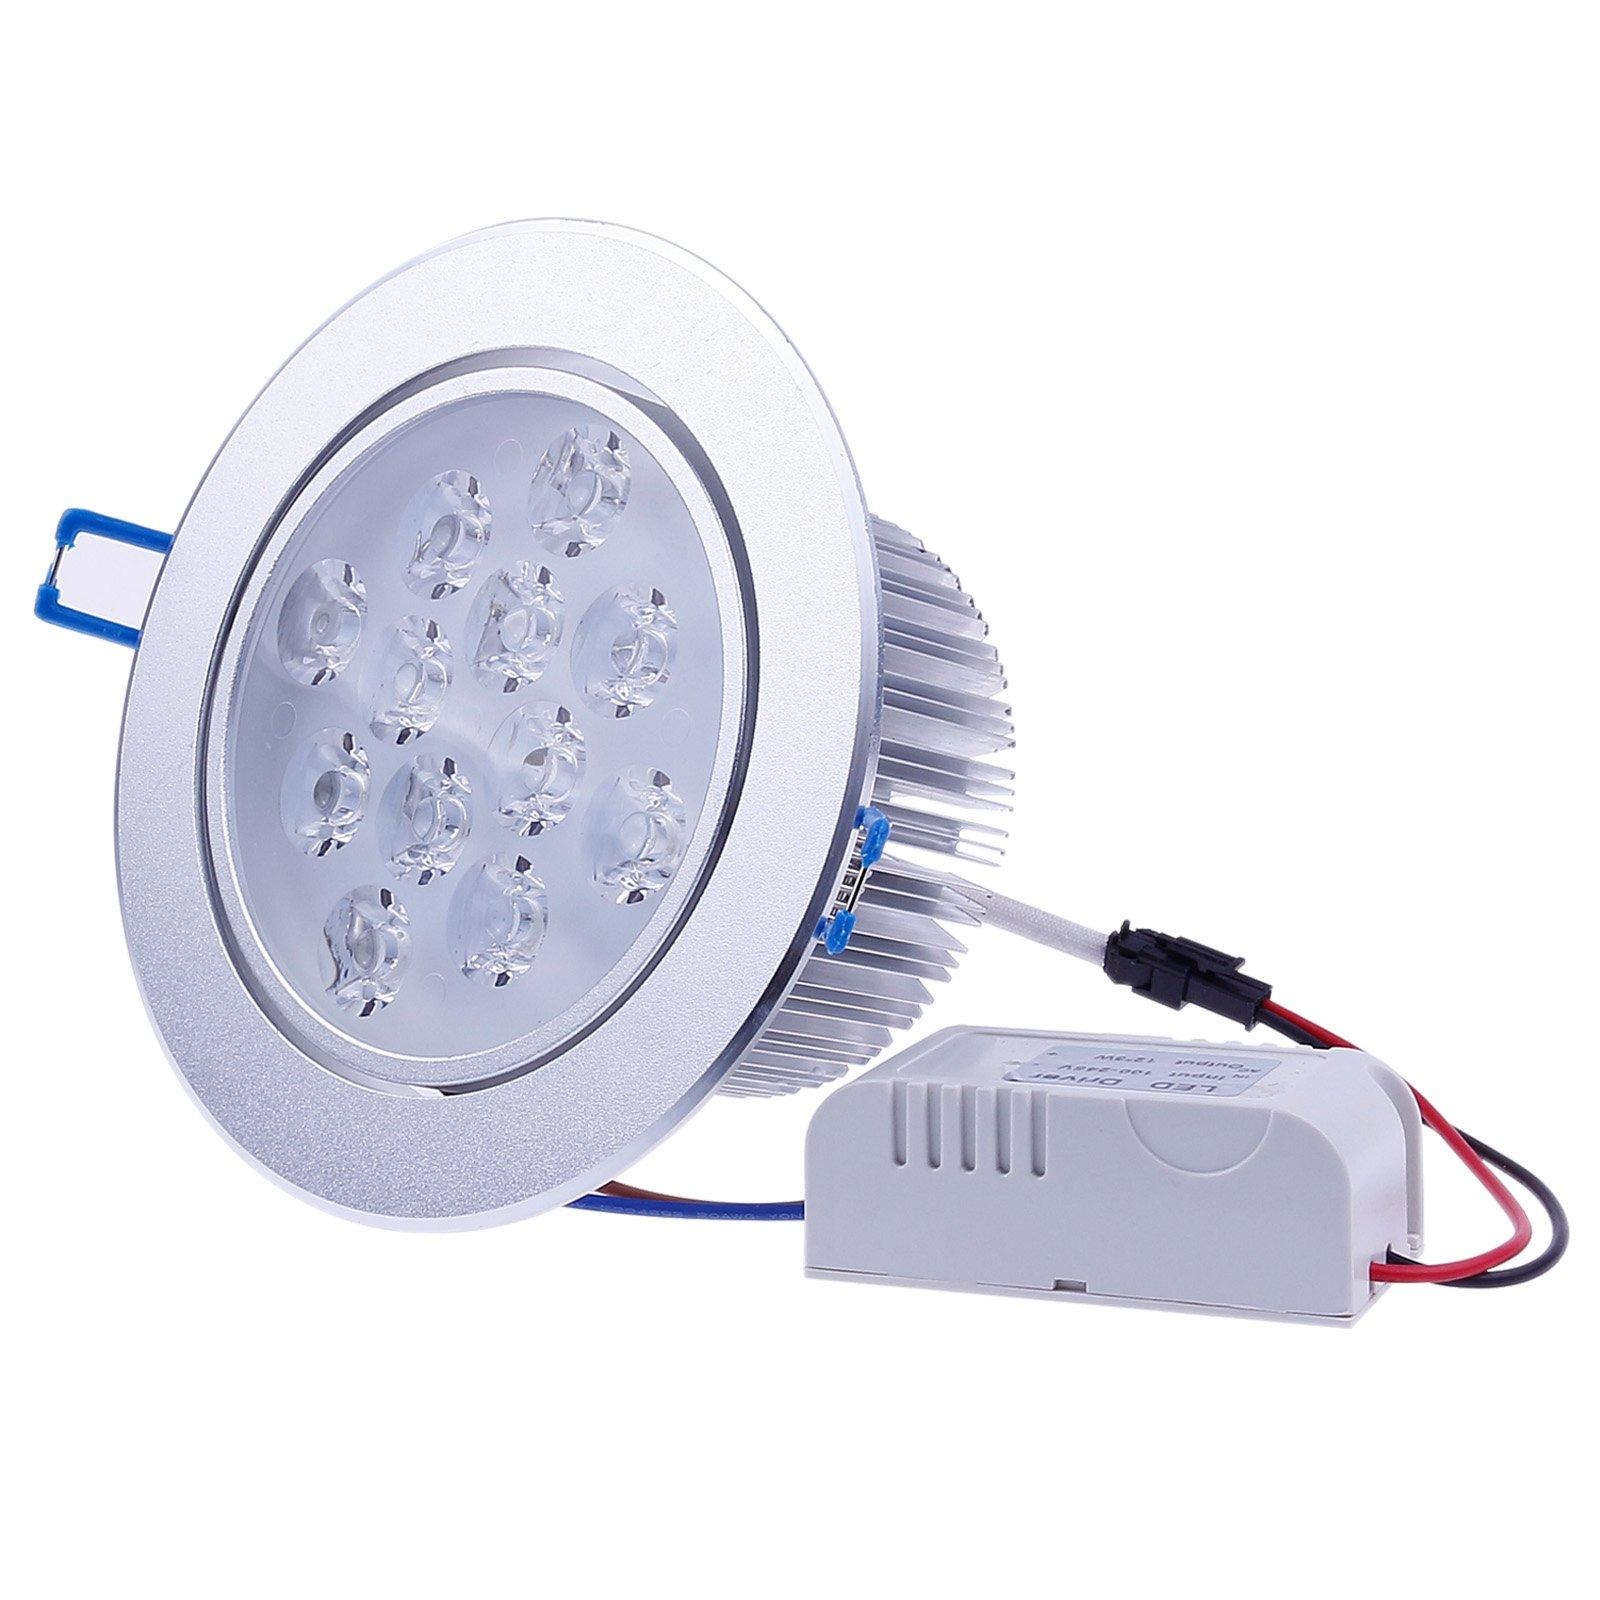 LEMONBEST New Design 110V~240V Dimmable 12W LED Ceiling Light Downlight Recessed Lighting, Warm White